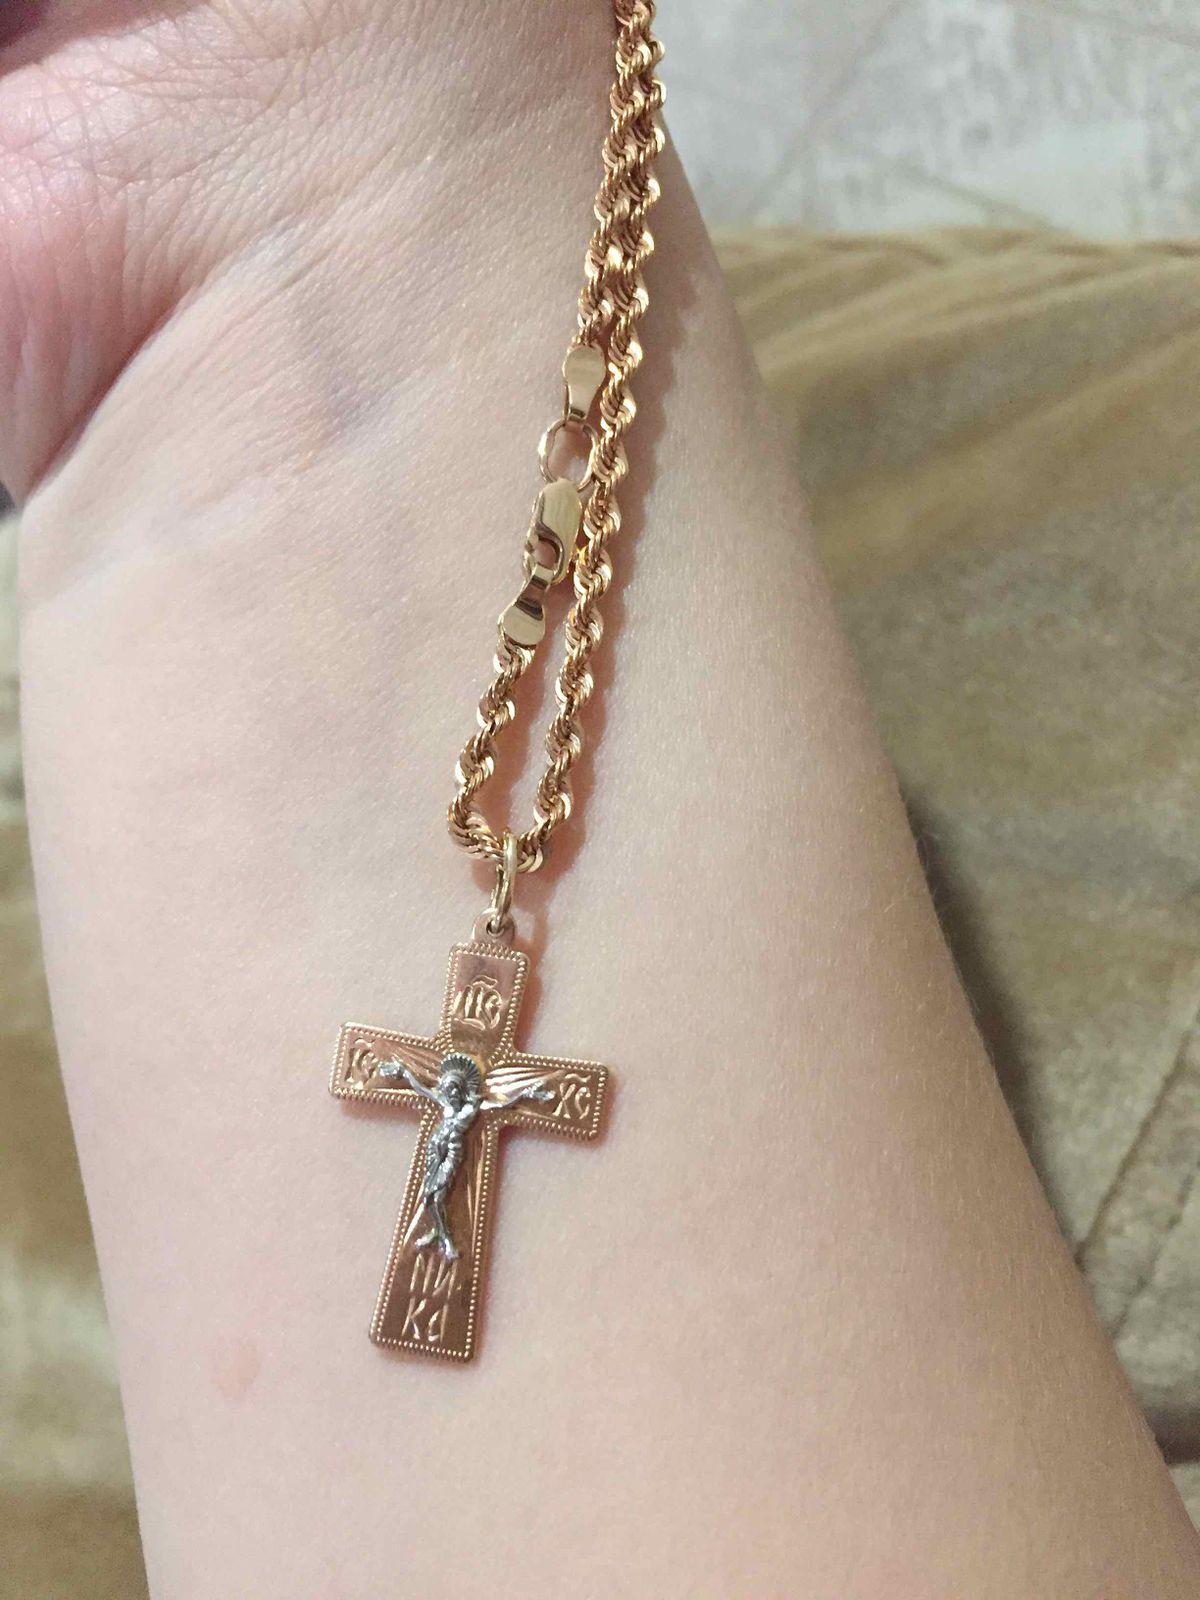 Любимый крестик:)